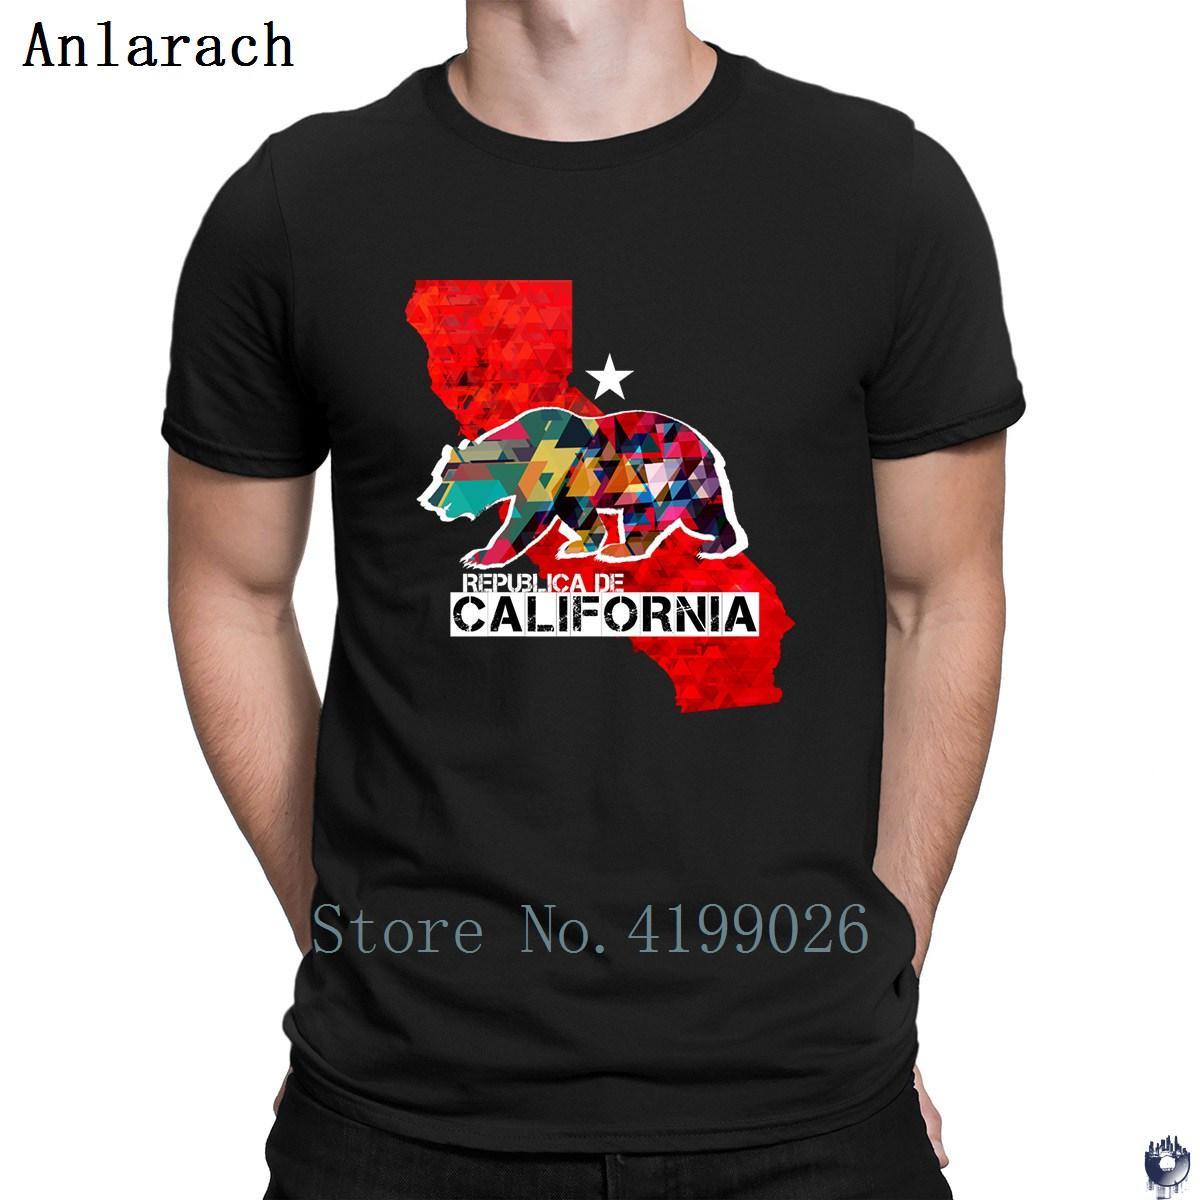 Republica de Califórnia camisetas Design camisa do pescoço de grupo Roupa Nova Estilo t para homens Top Quality magro famosos 2018